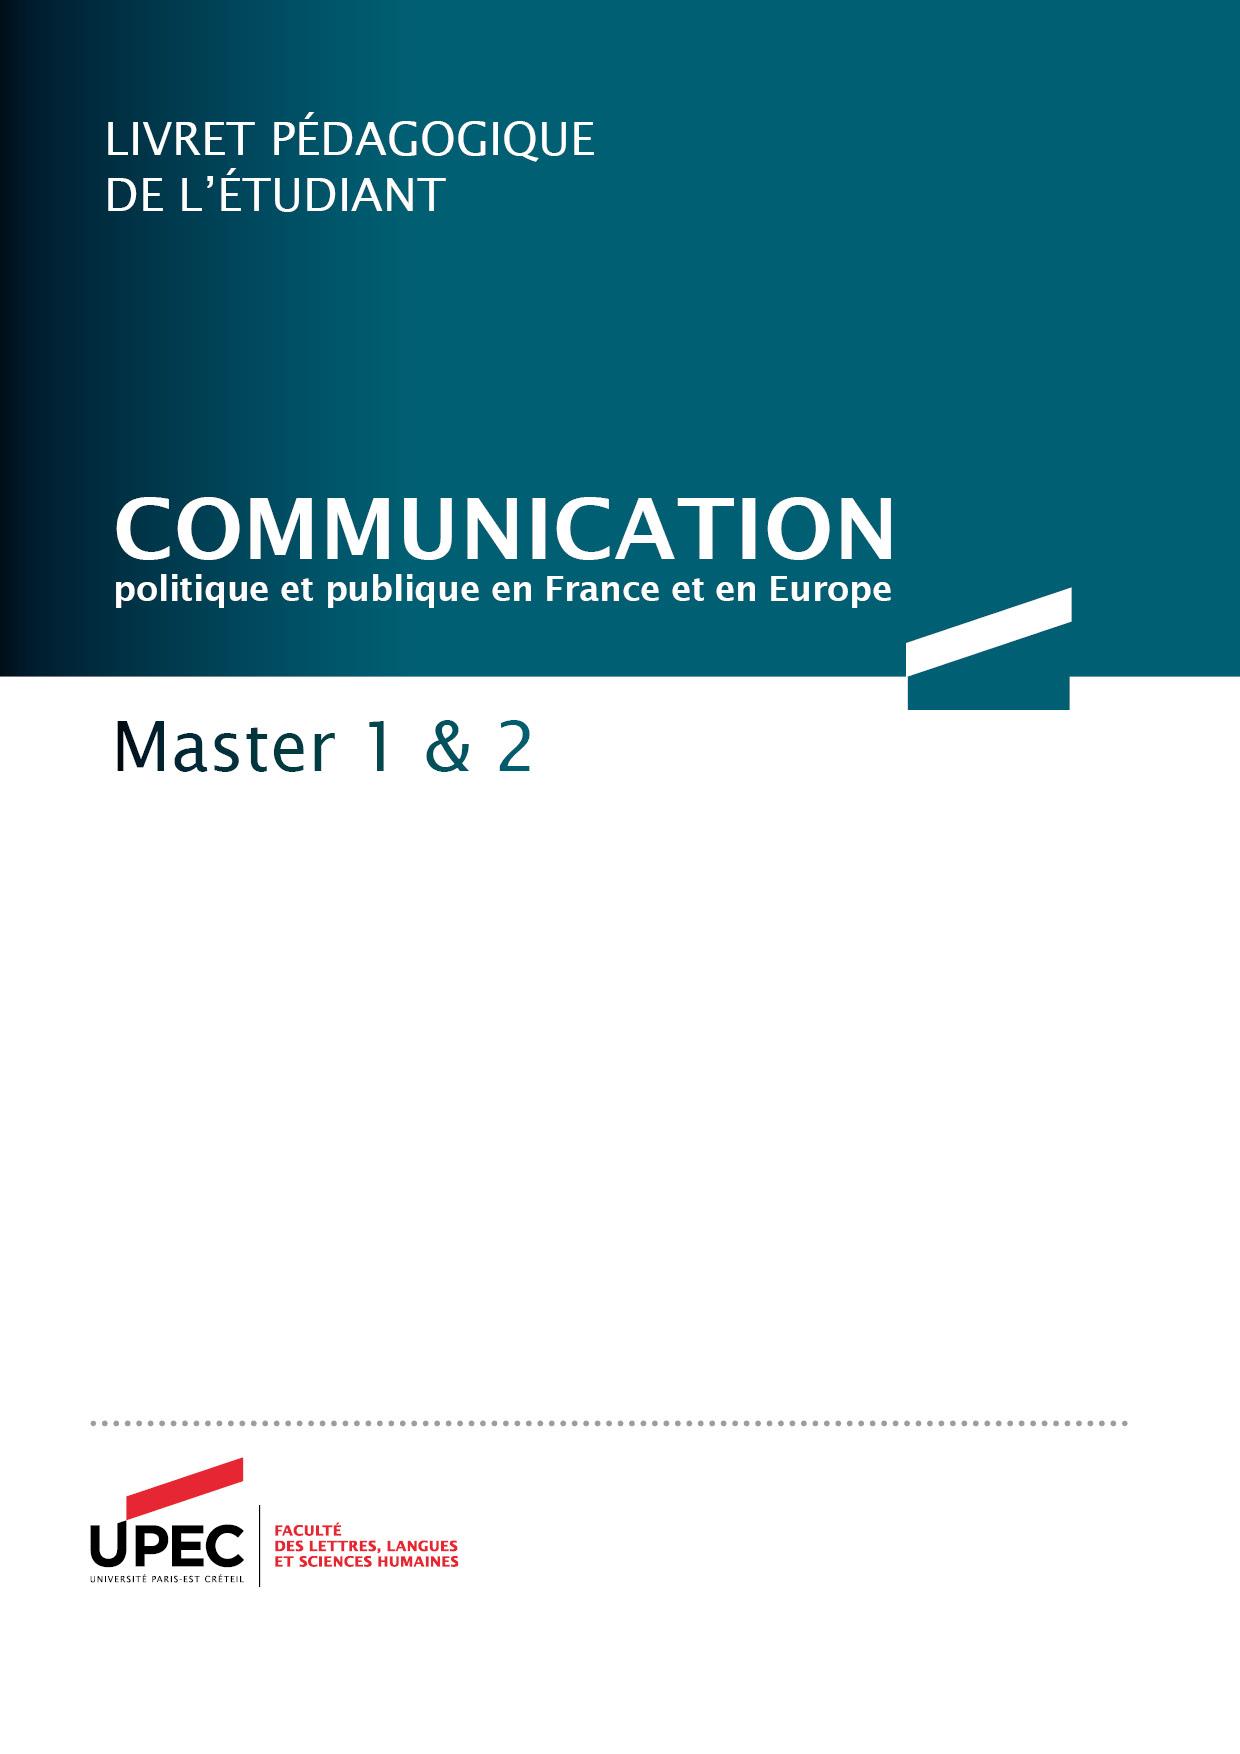 Télécharger le livret Master Communication 2020-2021